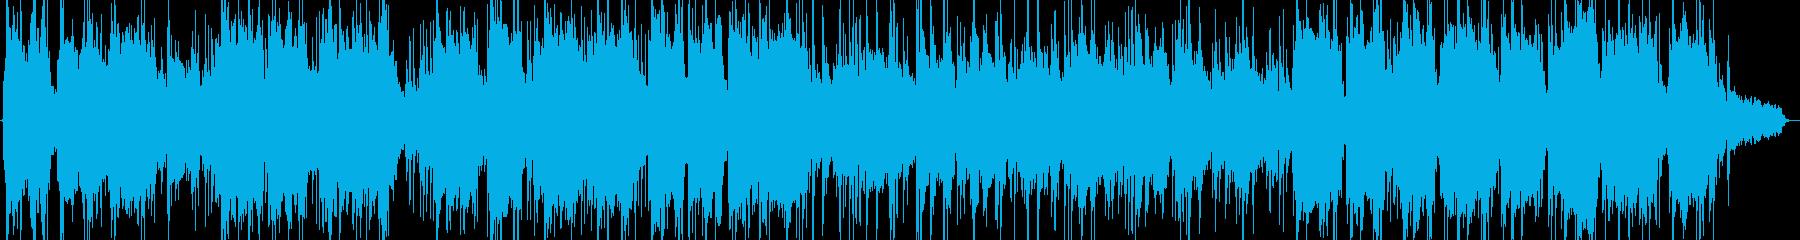 竹笛とシンセサイザーの静かな音楽の再生済みの波形